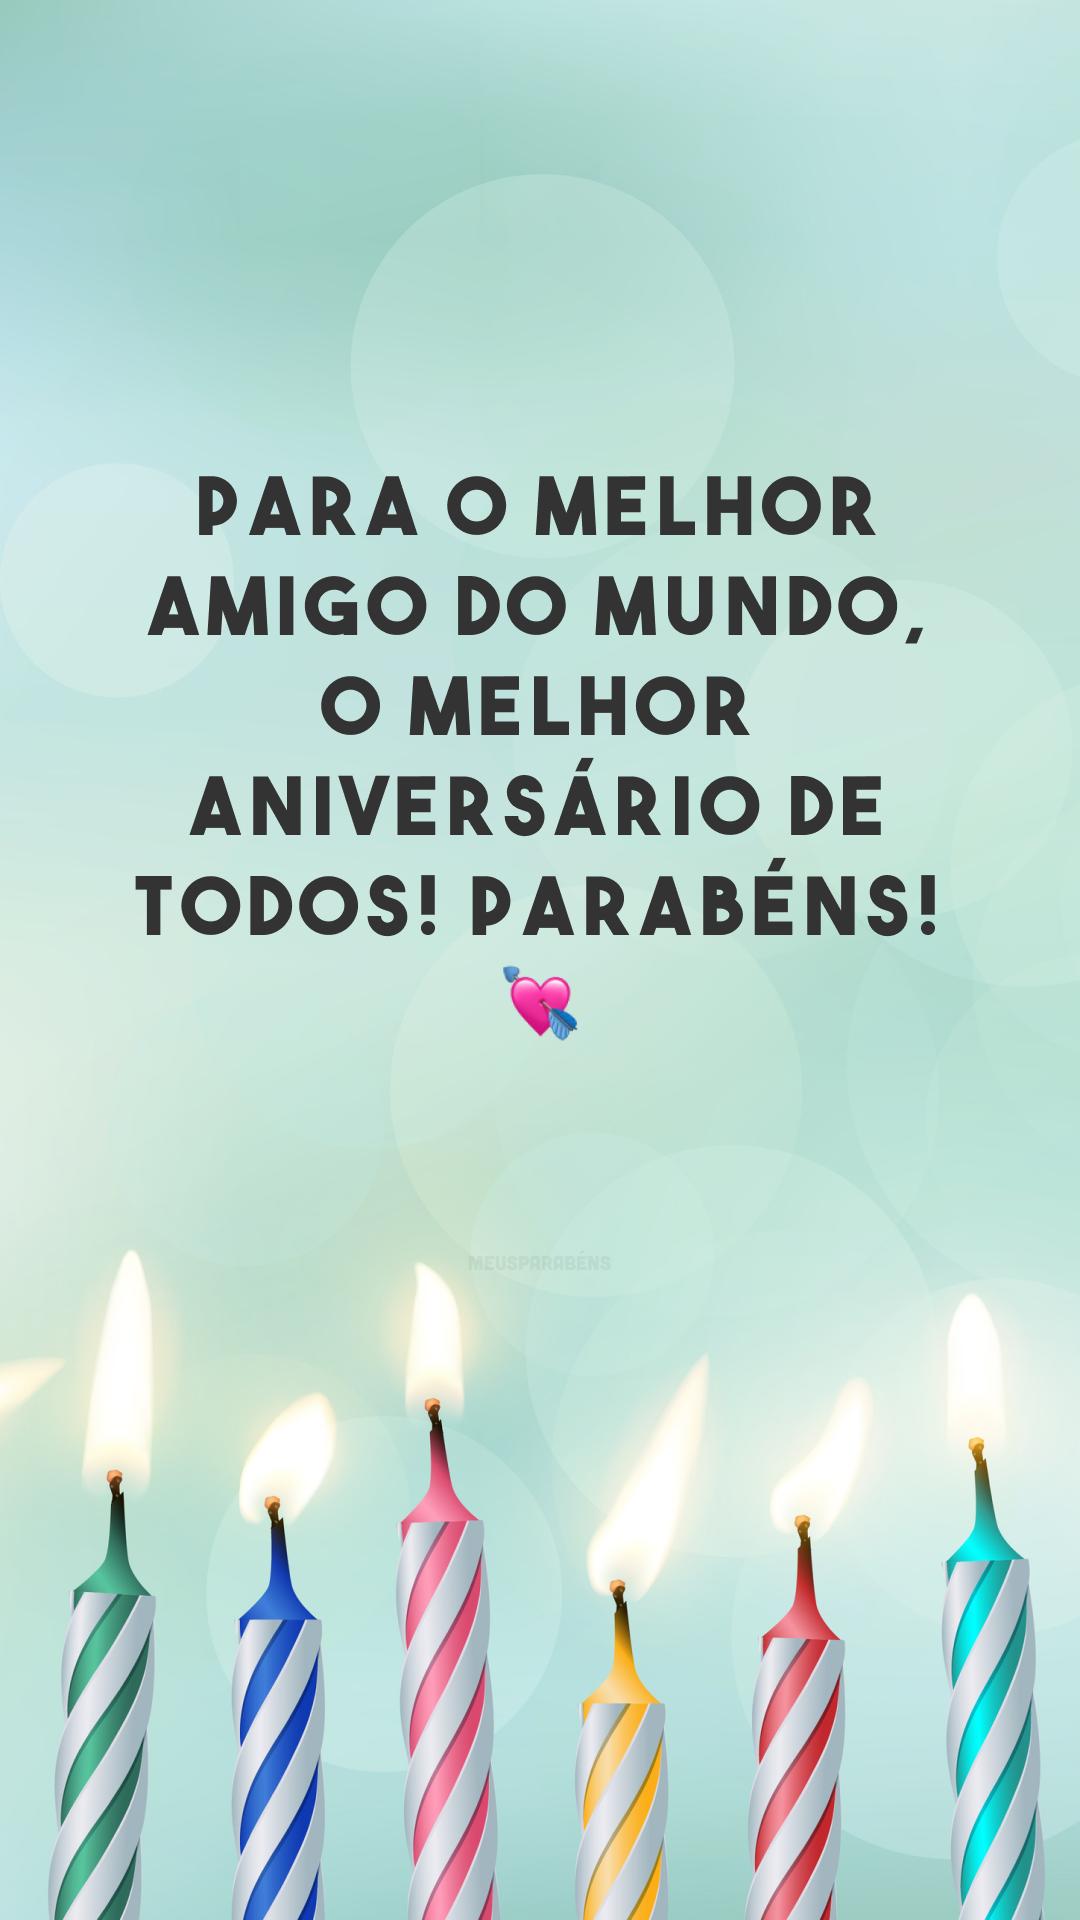 Para o melhor amigo do mundo, o melhor aniversário de todos! Parabéns! 💘